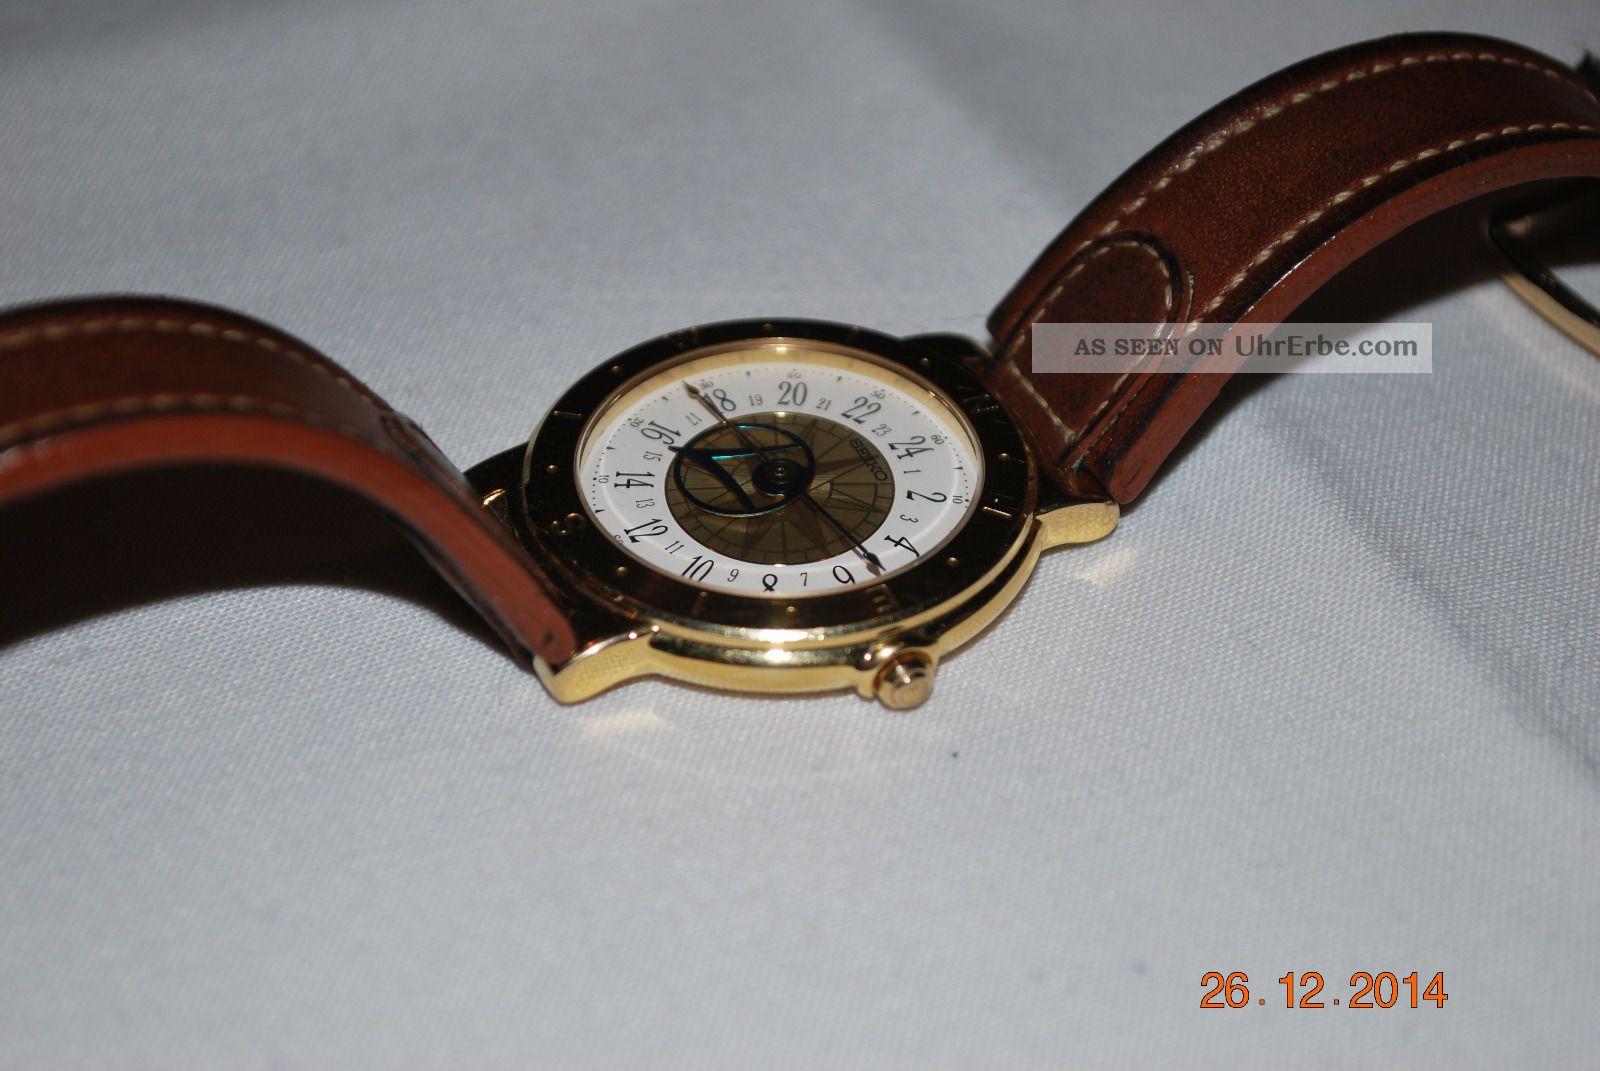 Seiko Windrose / Levante / 5y37 Armbanduhren Bild